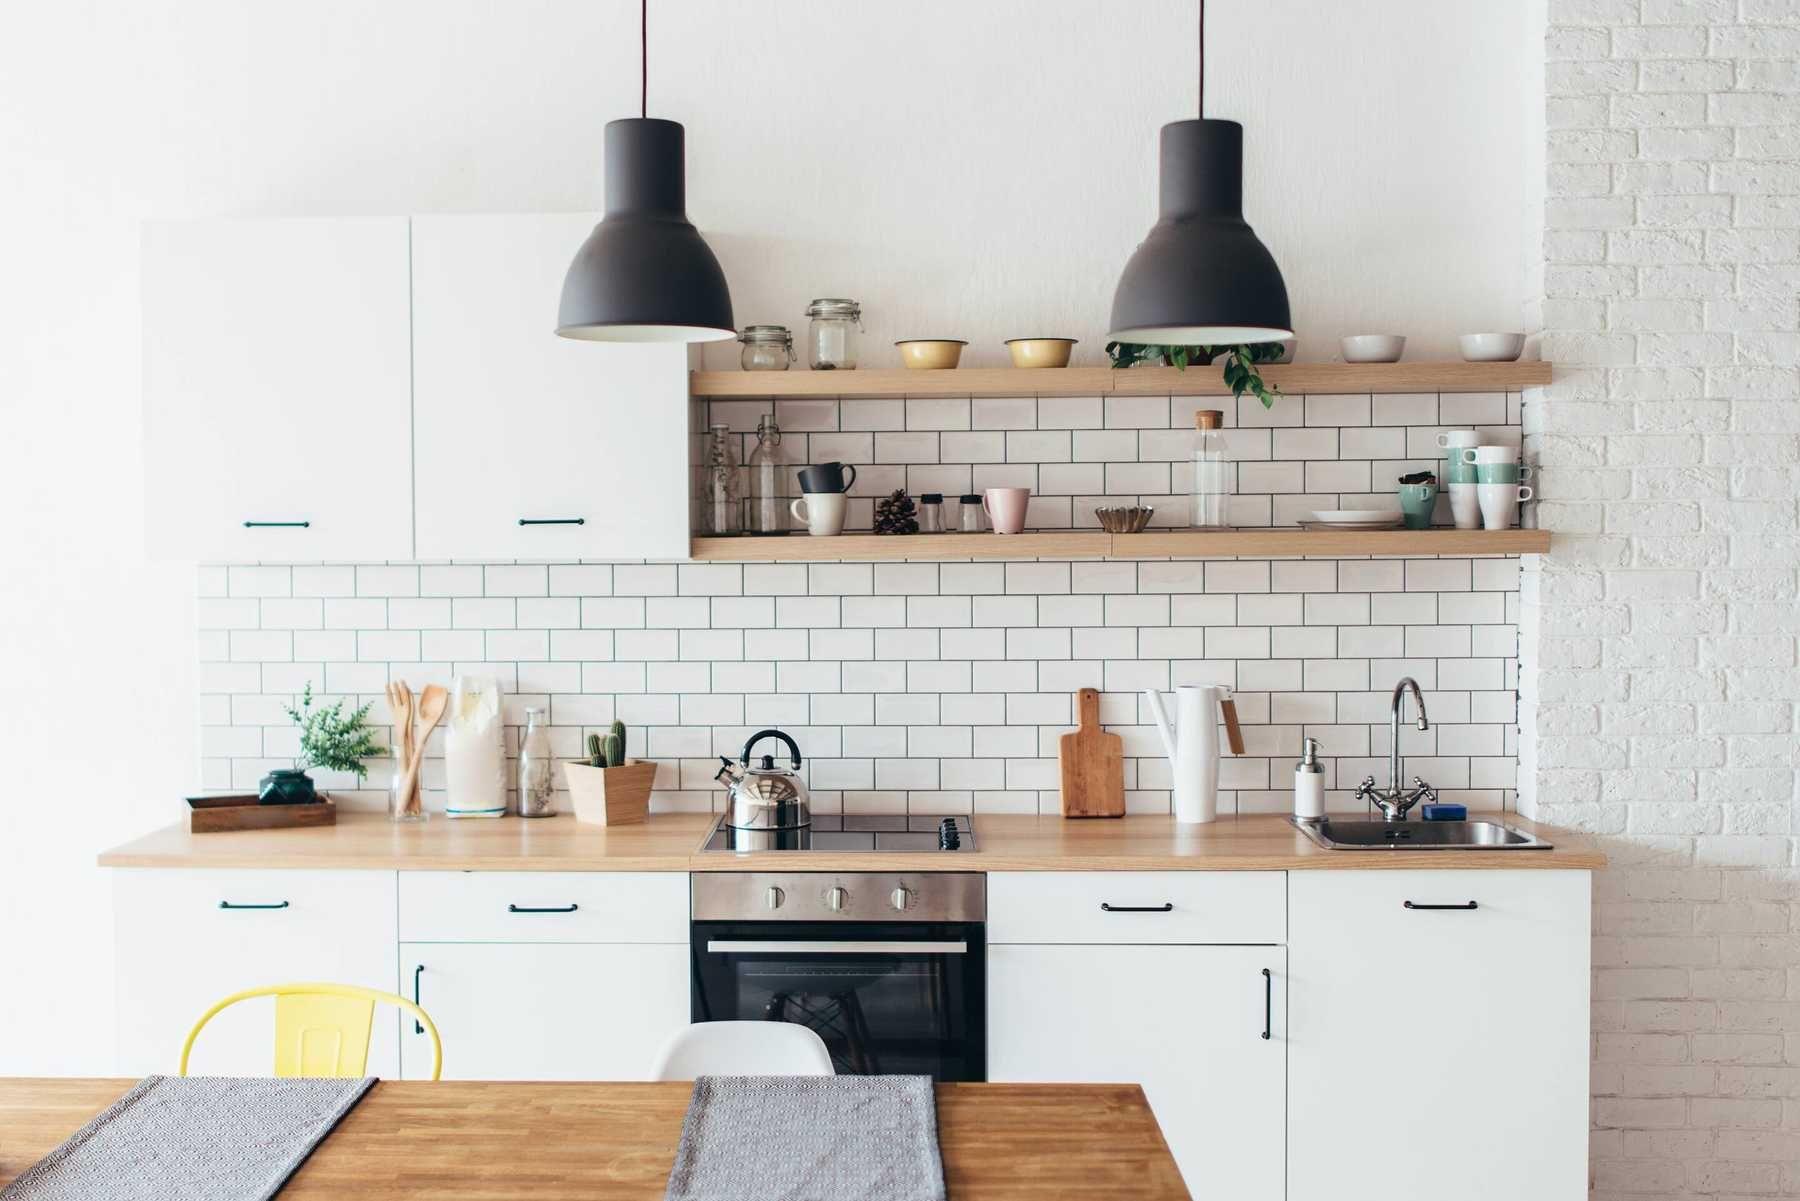 trang trí nhà bếp cấp 4